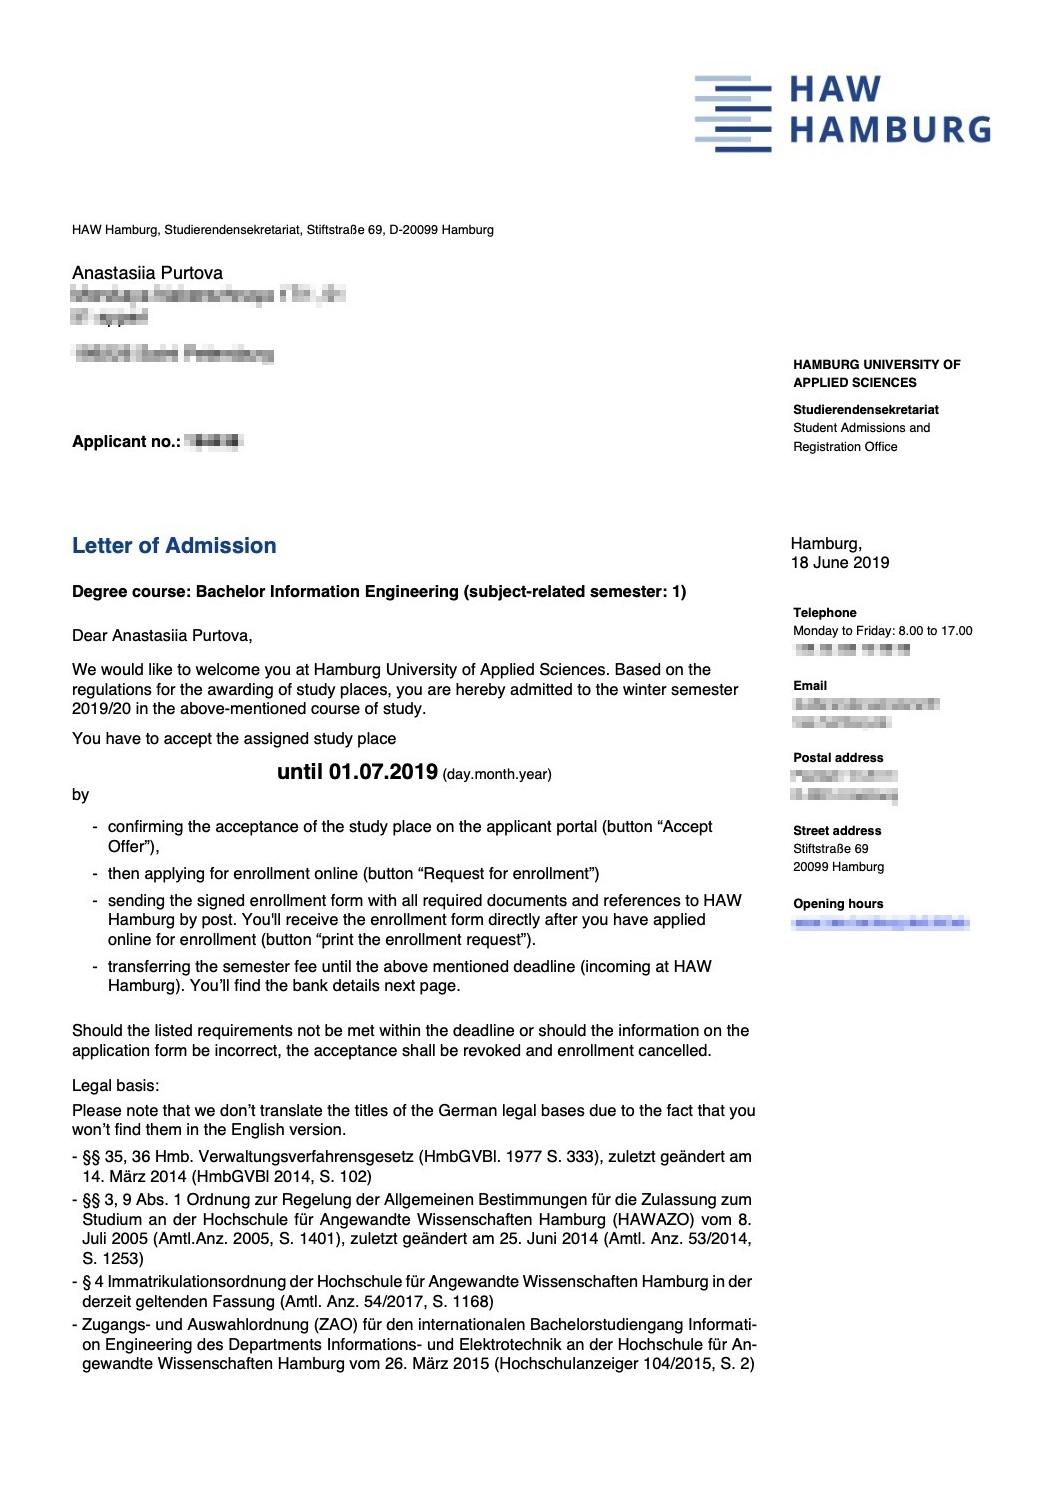 Письмо-приглашение от Гамбургского университета прикладных наук суказанием дальнейших шагов длязакрепления статуса студента